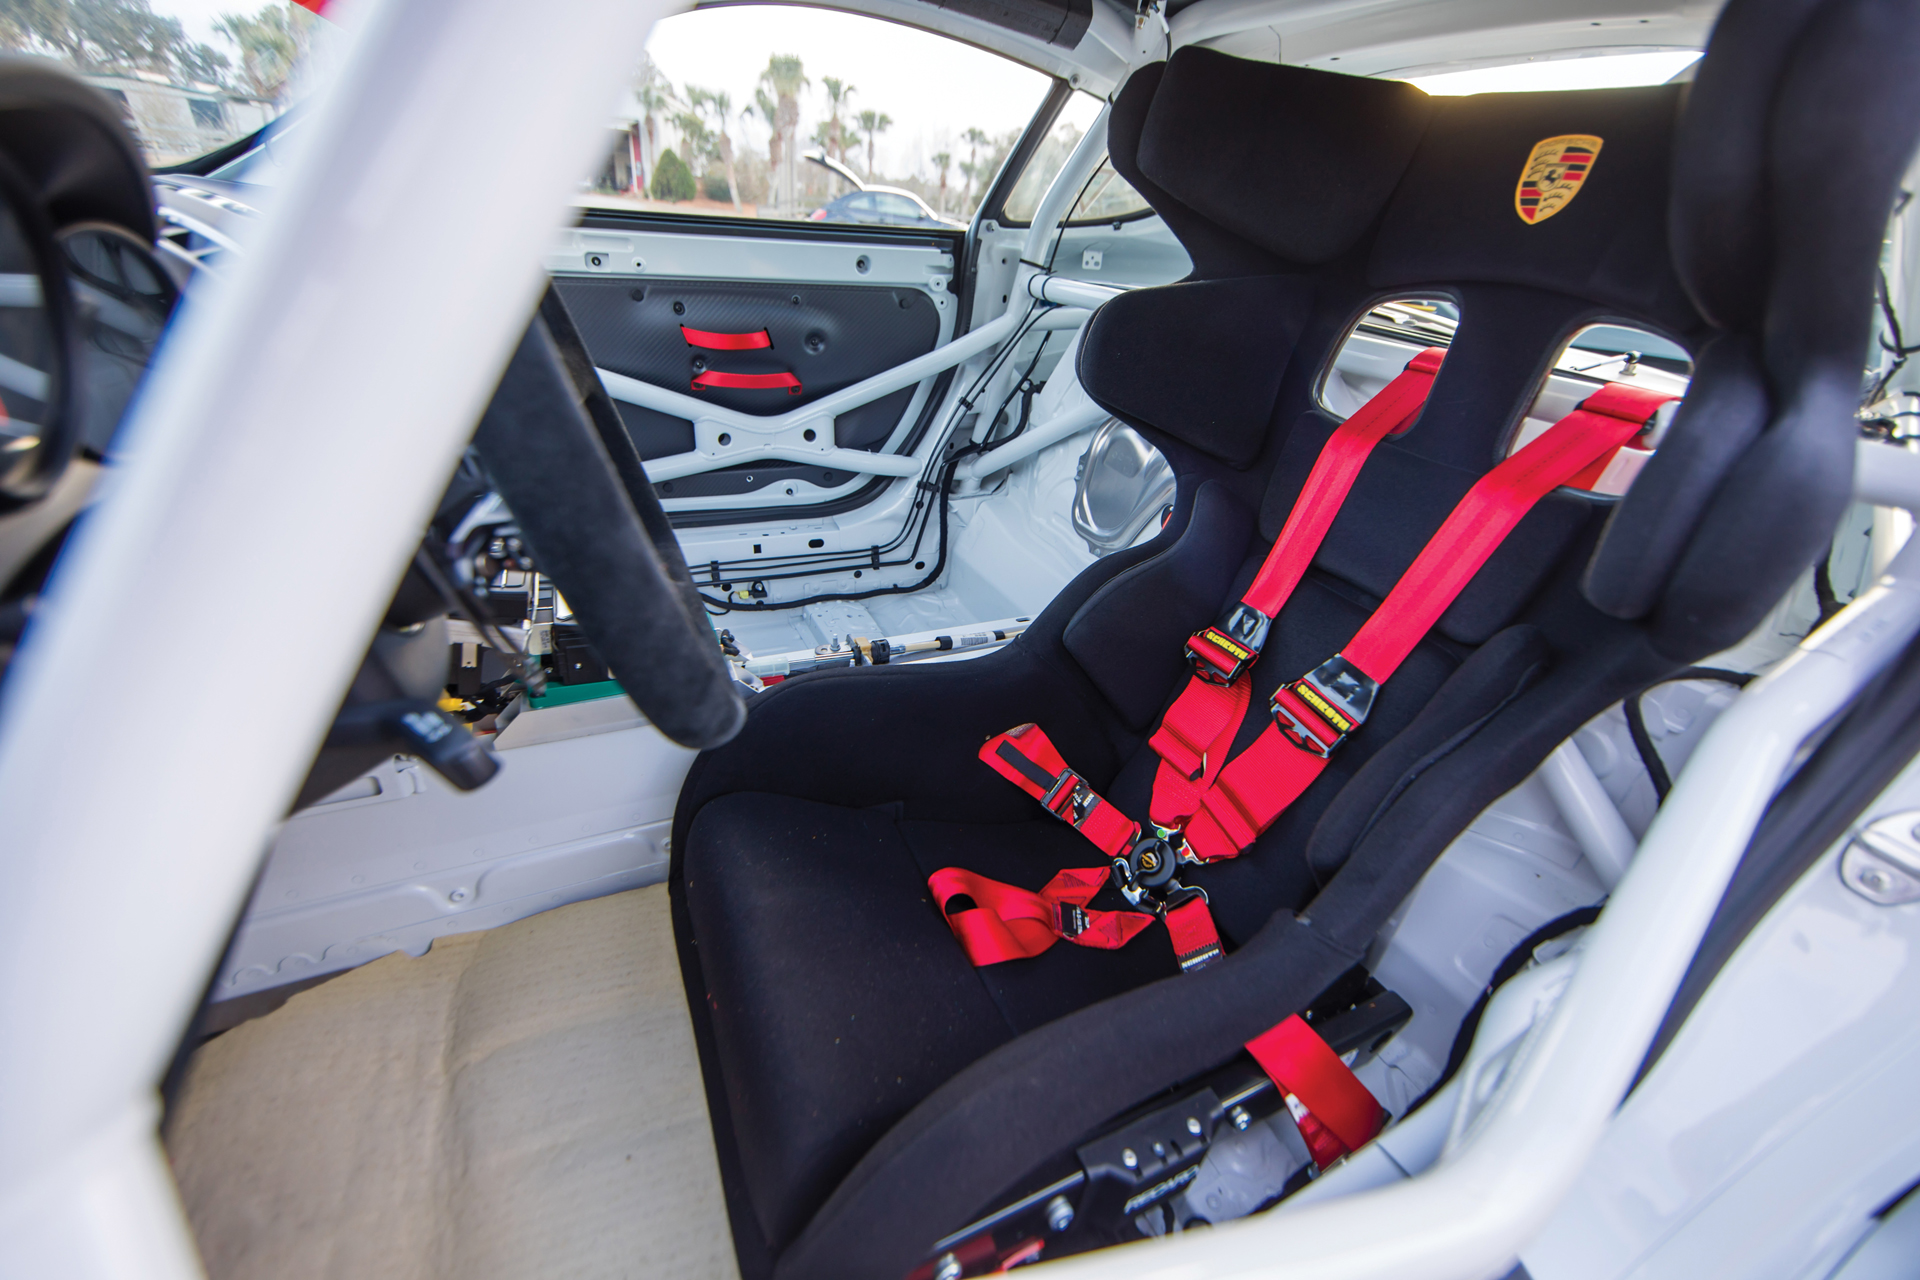 2018 RM - 2016 Porsche Cayman GT4 Clubsport 036A - Deremer Studi